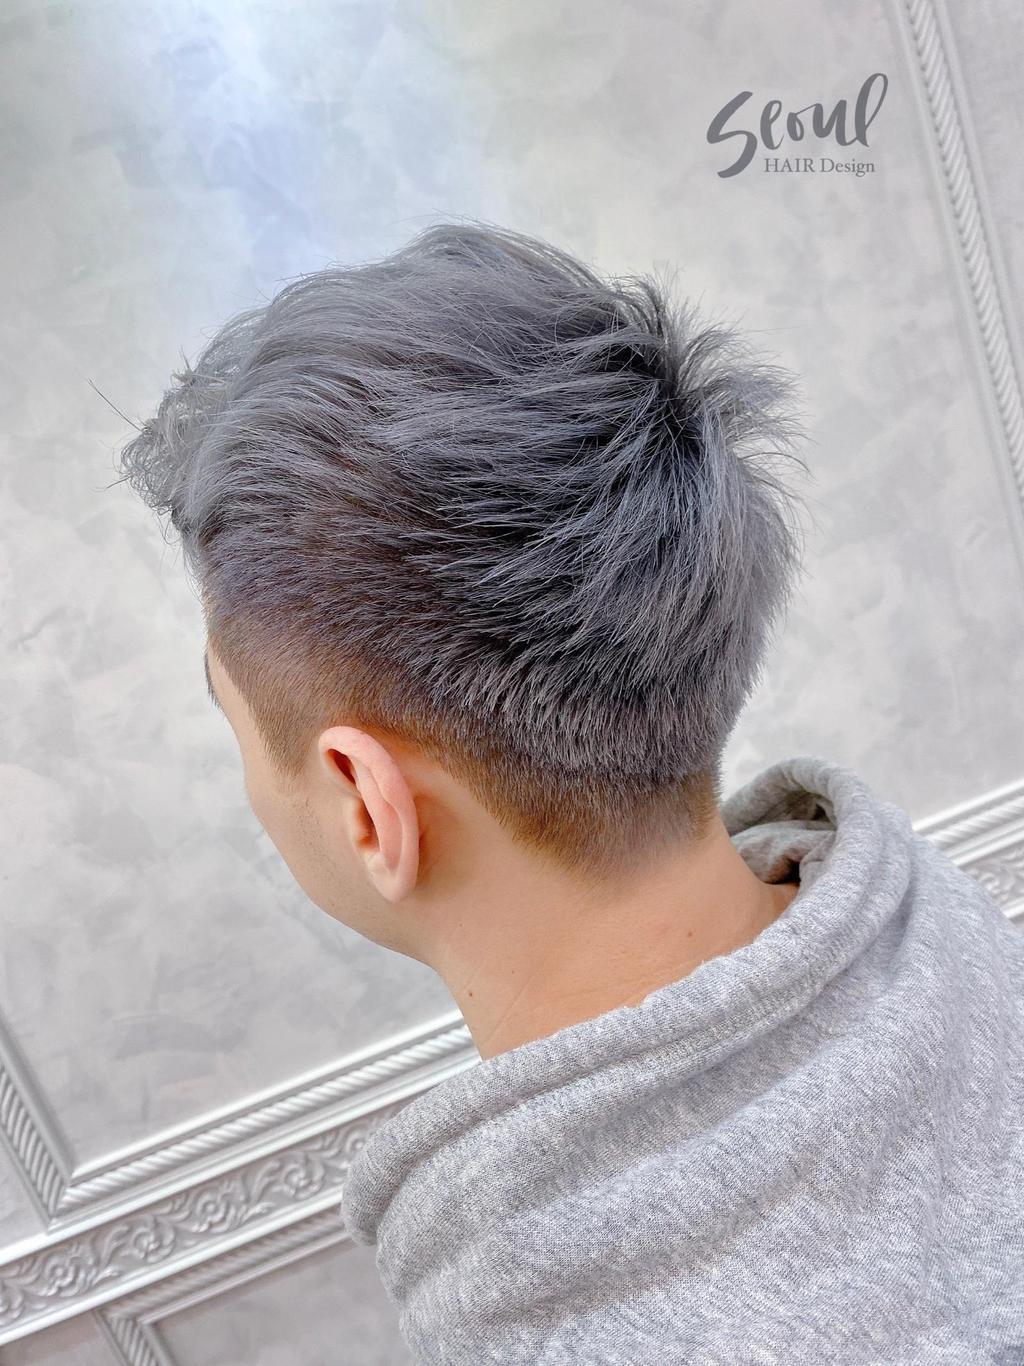 利用質感1000%的霧灰色搭配利落剪裁,讓層次設計更明顯,同時展現設計師和你自己的極緻品味